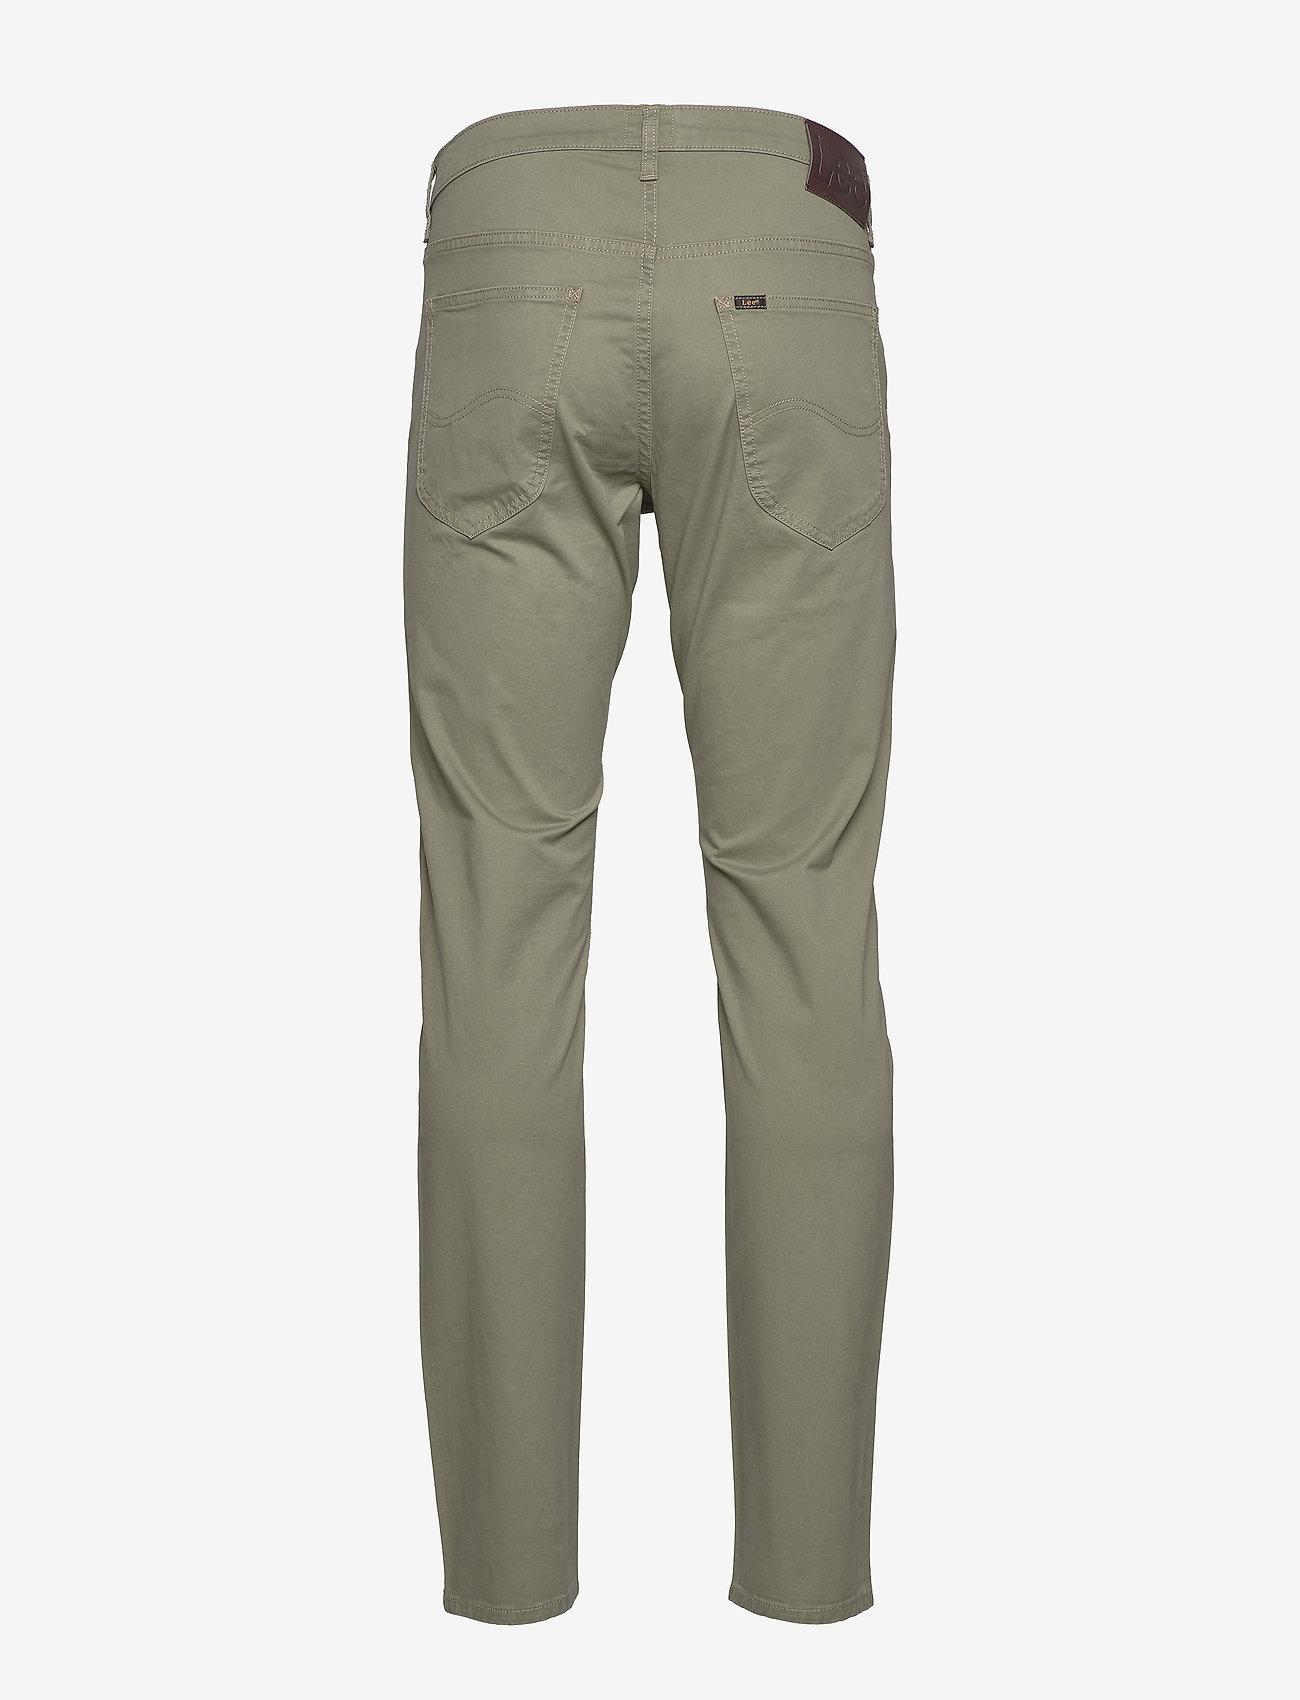 Lee Jeans - DAREN ZIP FLY - regular jeans - lichen green - 1